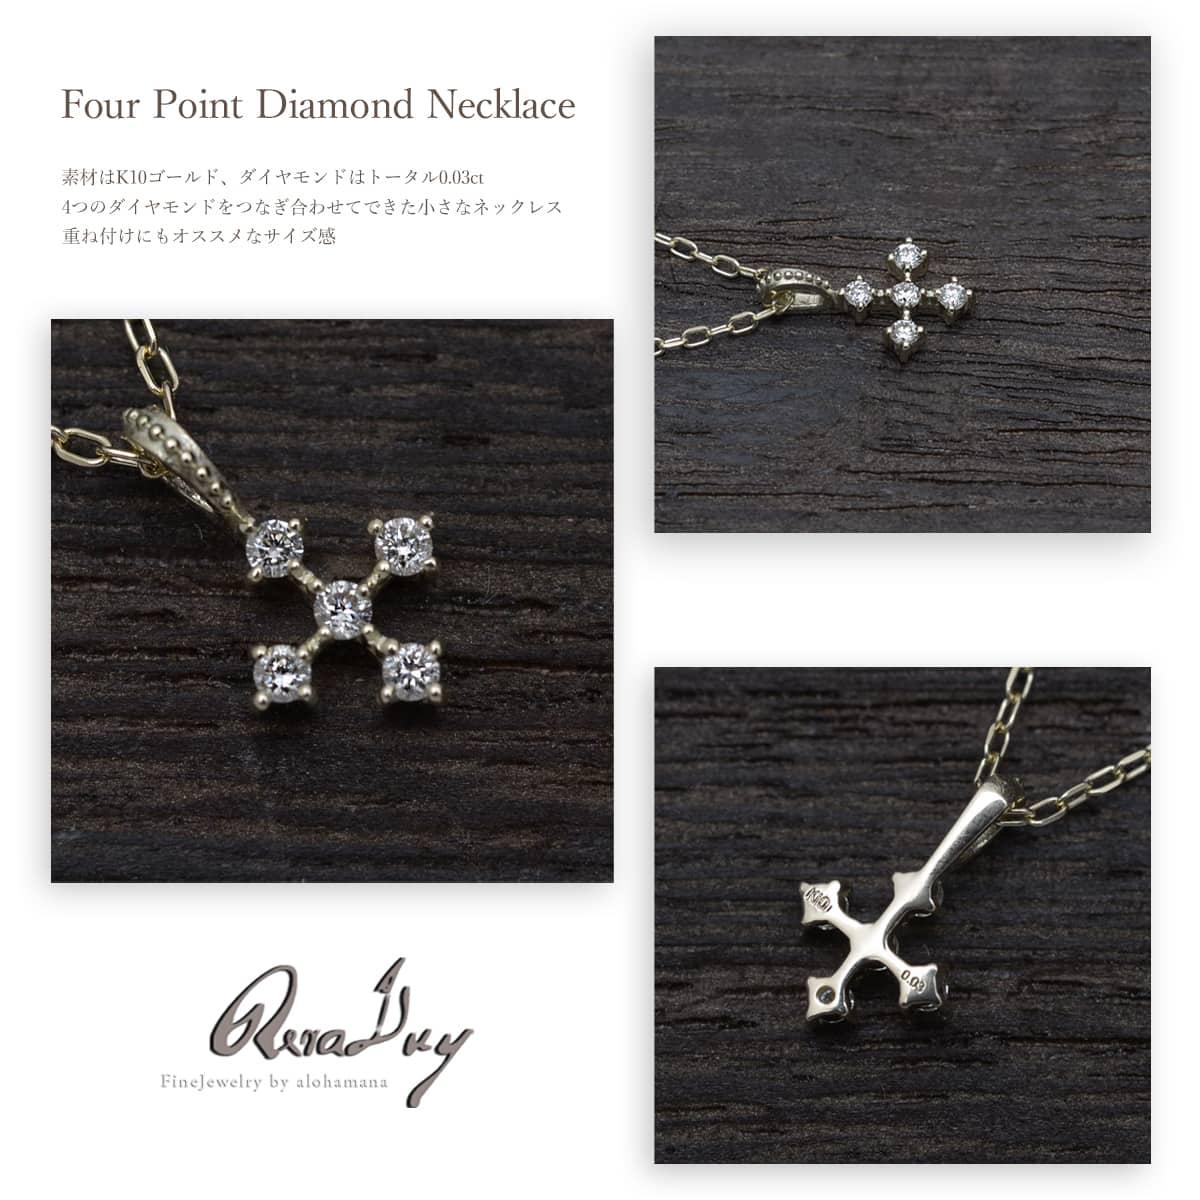 K10 ゴールドネックレス (RERALUy)ダイヤモンドフォーポイント ペンダント ネックレス ダイヤモンド0.03ct 新作/rne1679k10